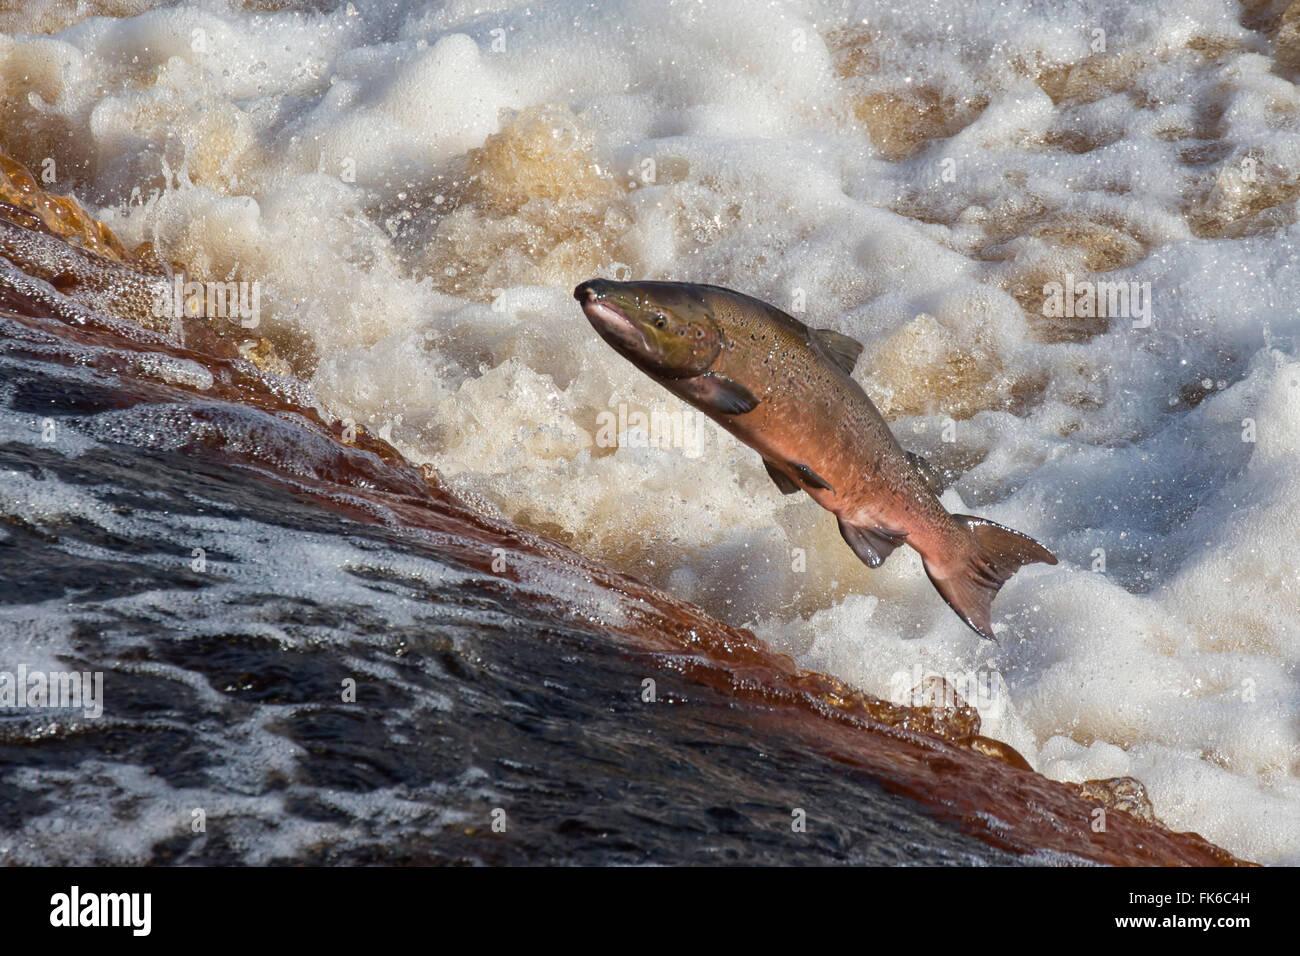 Salmone atlantico (Salmo salar) salta sulla migrazione a monte, sul fiume Tyne, Hexham, Northumberland, England, Immagini Stock